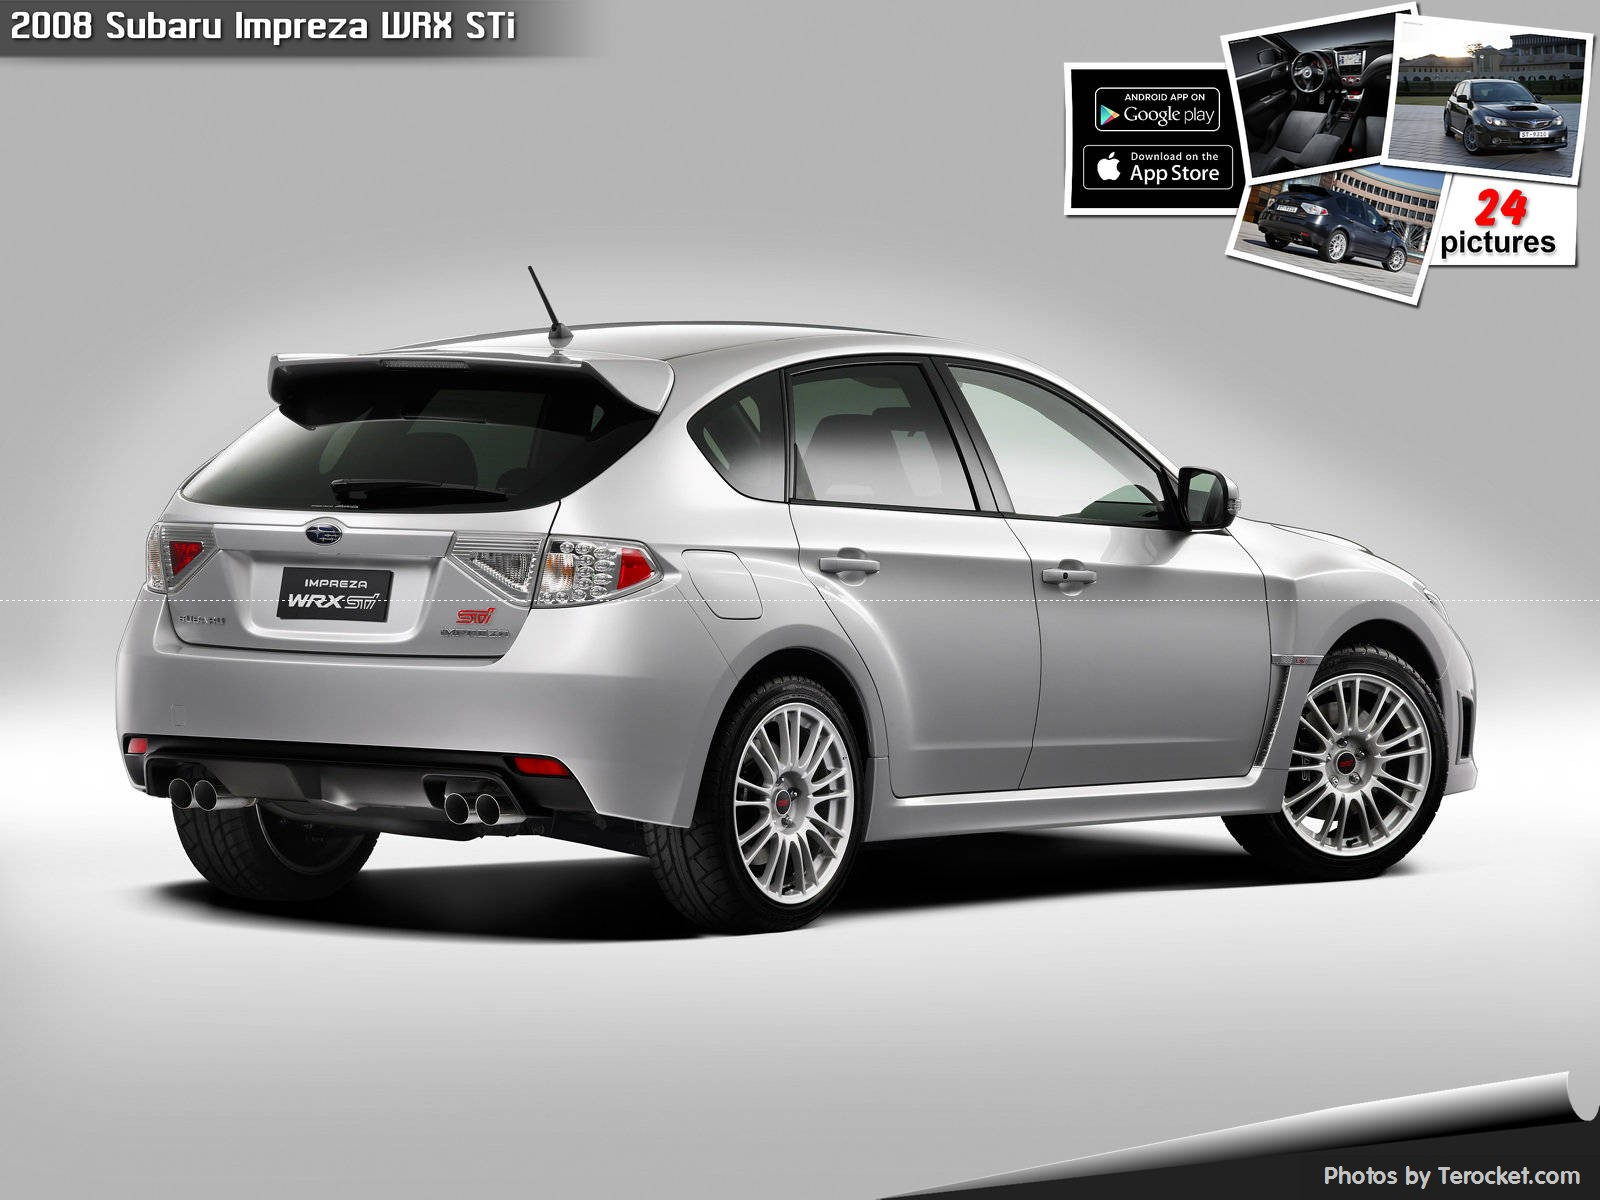 Hình ảnh xe ô tô Subaru Impreza WRX STi 2008 & nội ngoại thất